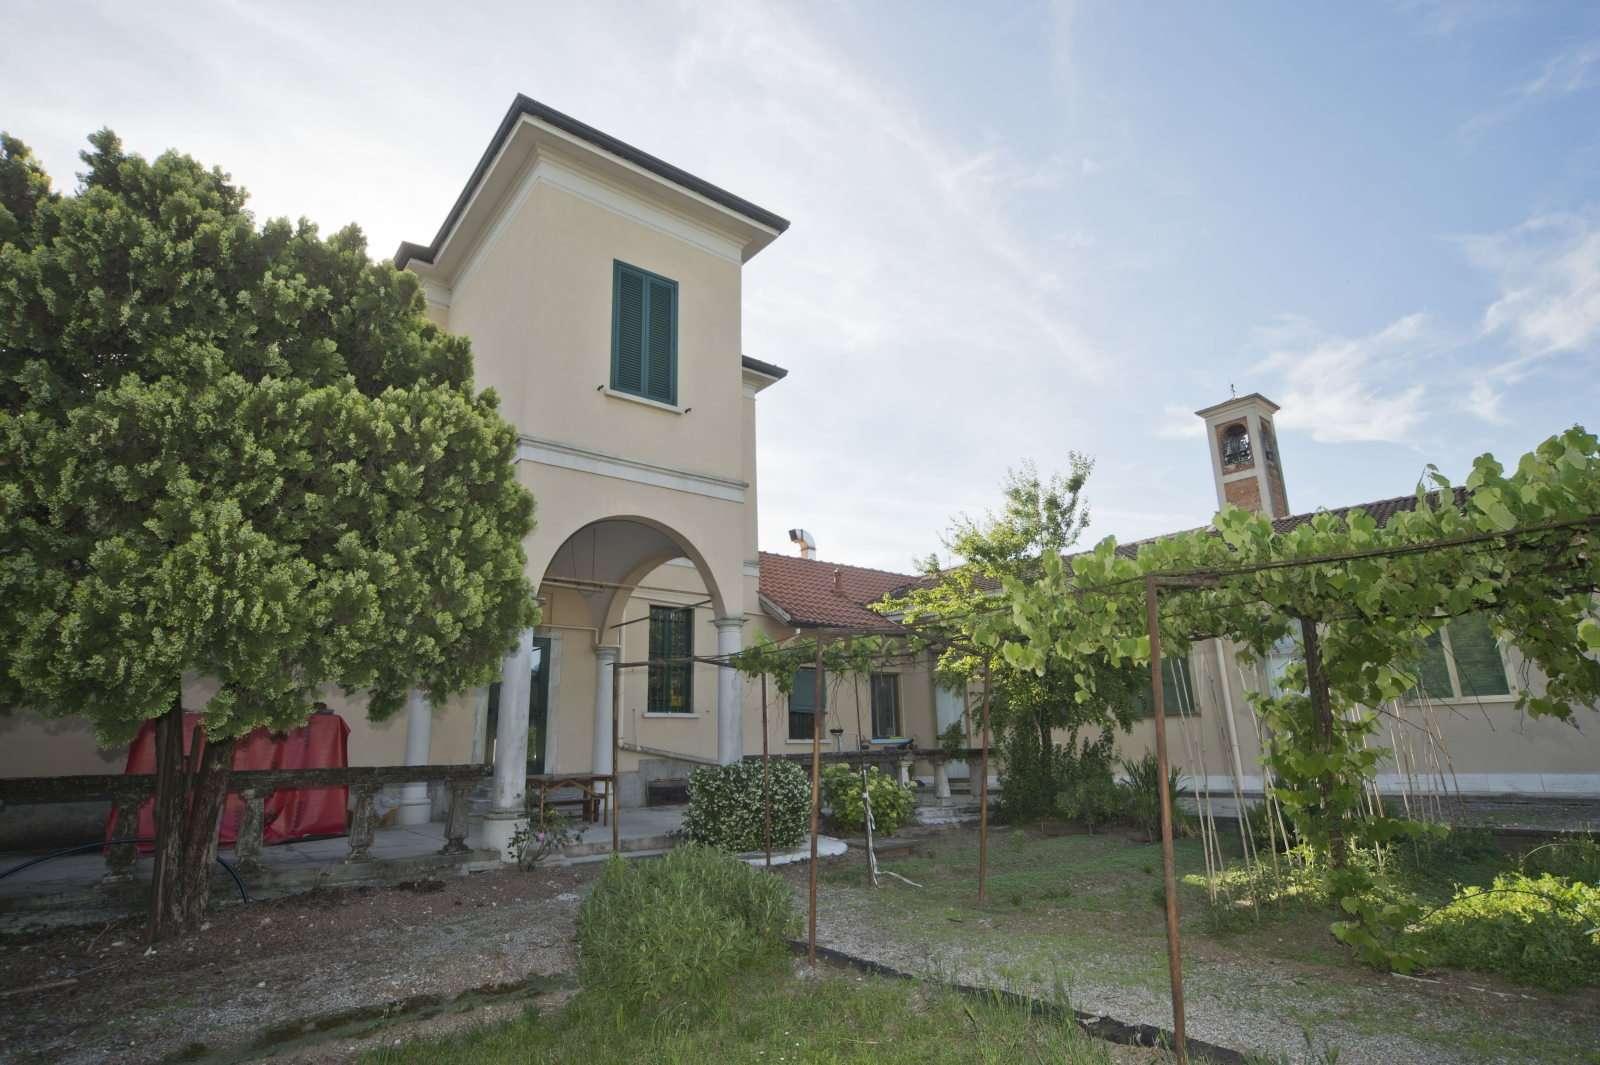 045 D4C 5595 Ridotte - Scuola Materna Peschiera Borromeo